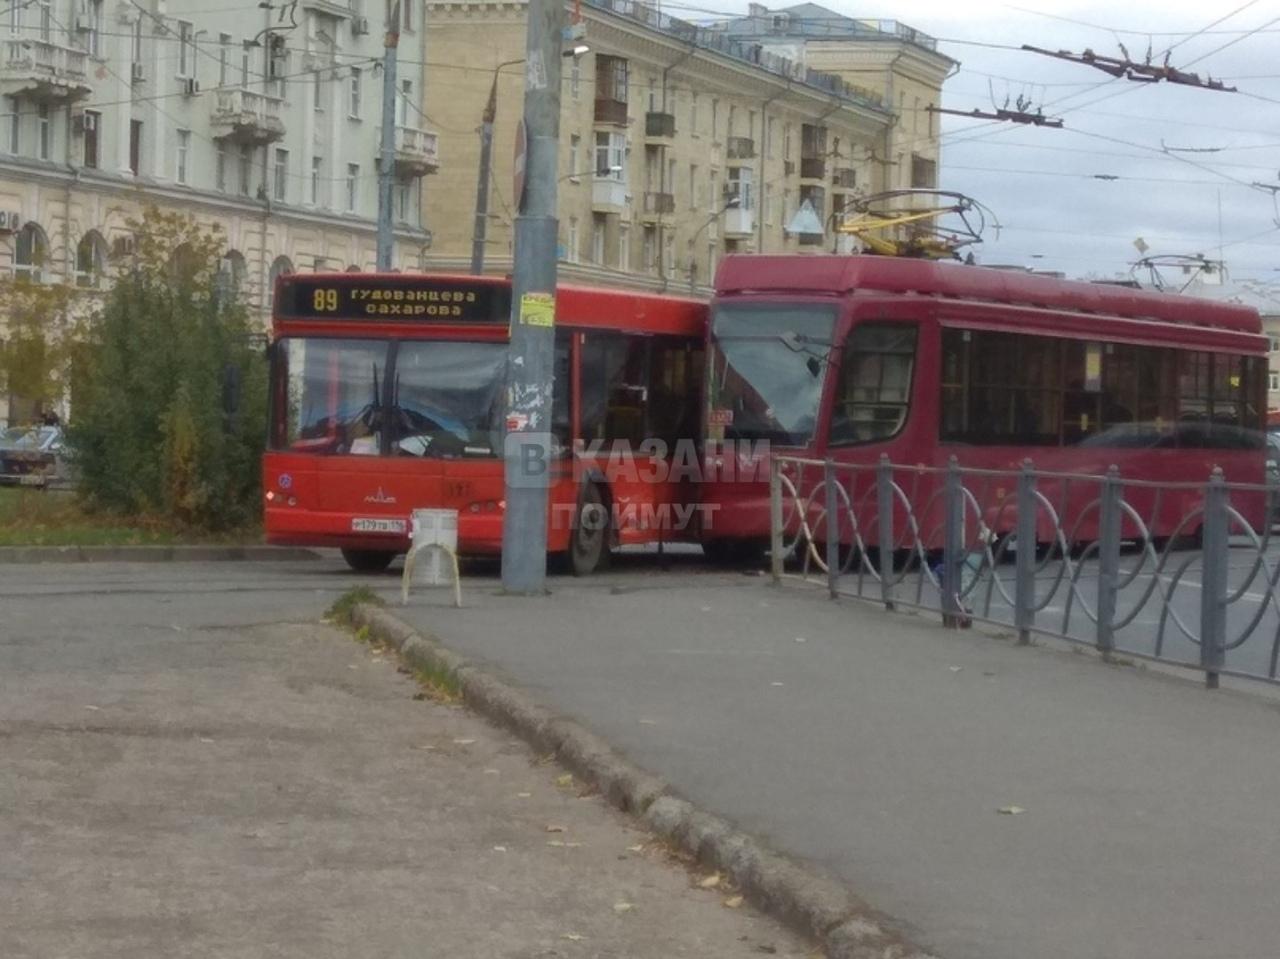 На улице Декабристов в Казани из-за аварии красного автобуса и трамвая затруднено движение (ФОТО)